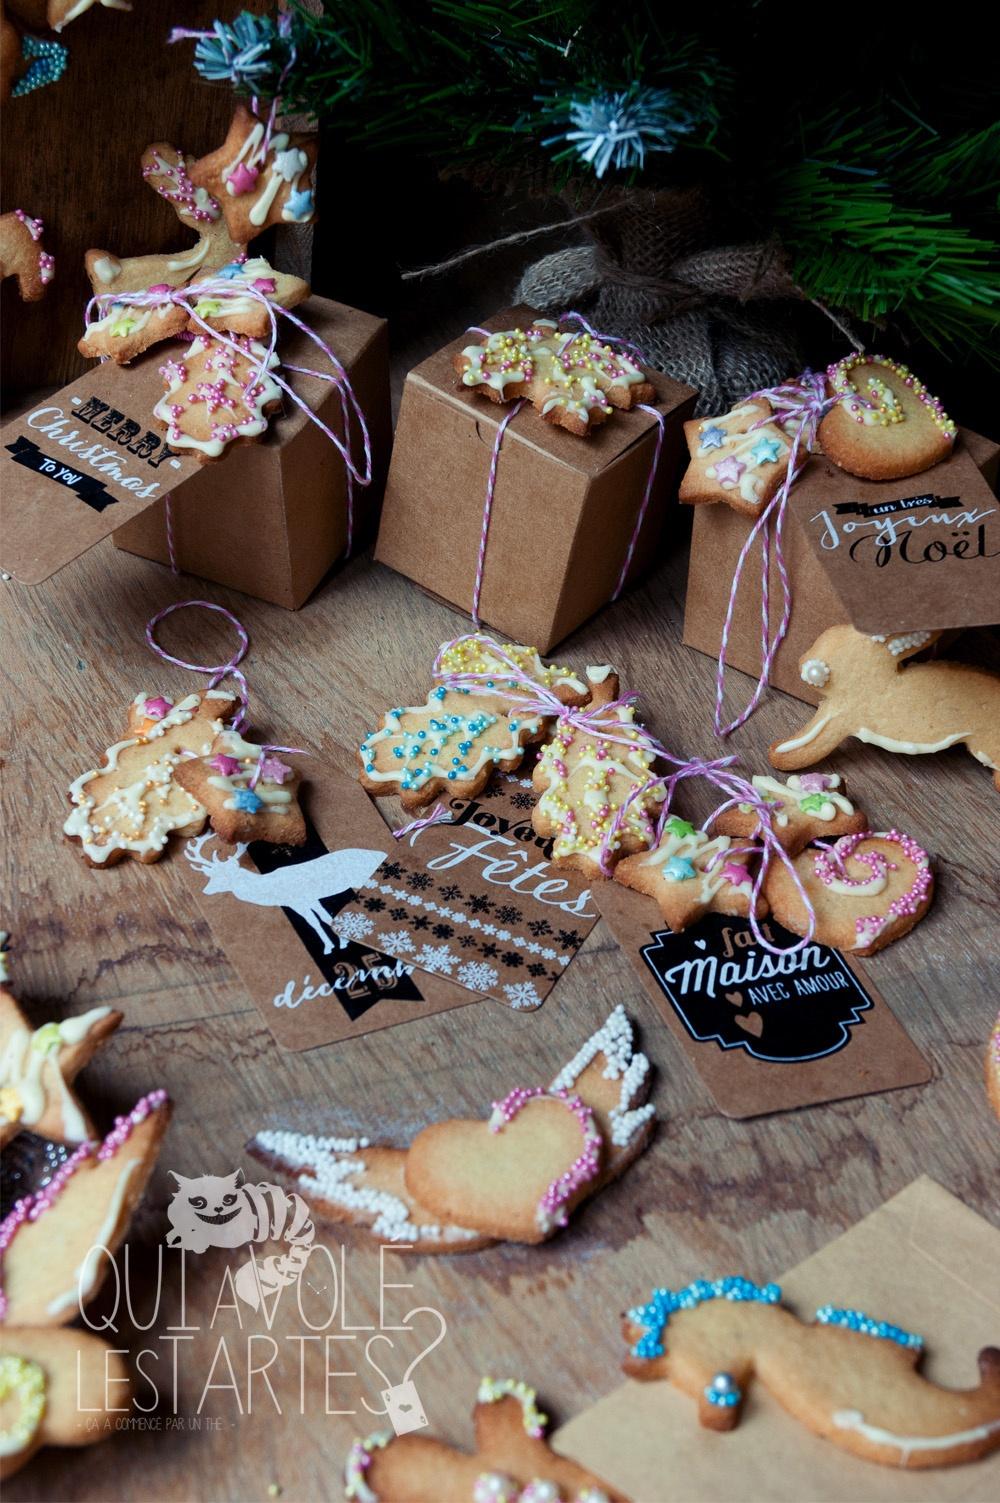 Cadeaux gourmands & couronne de Noel 2 - Studio 2 création - Qui a volé les tartes